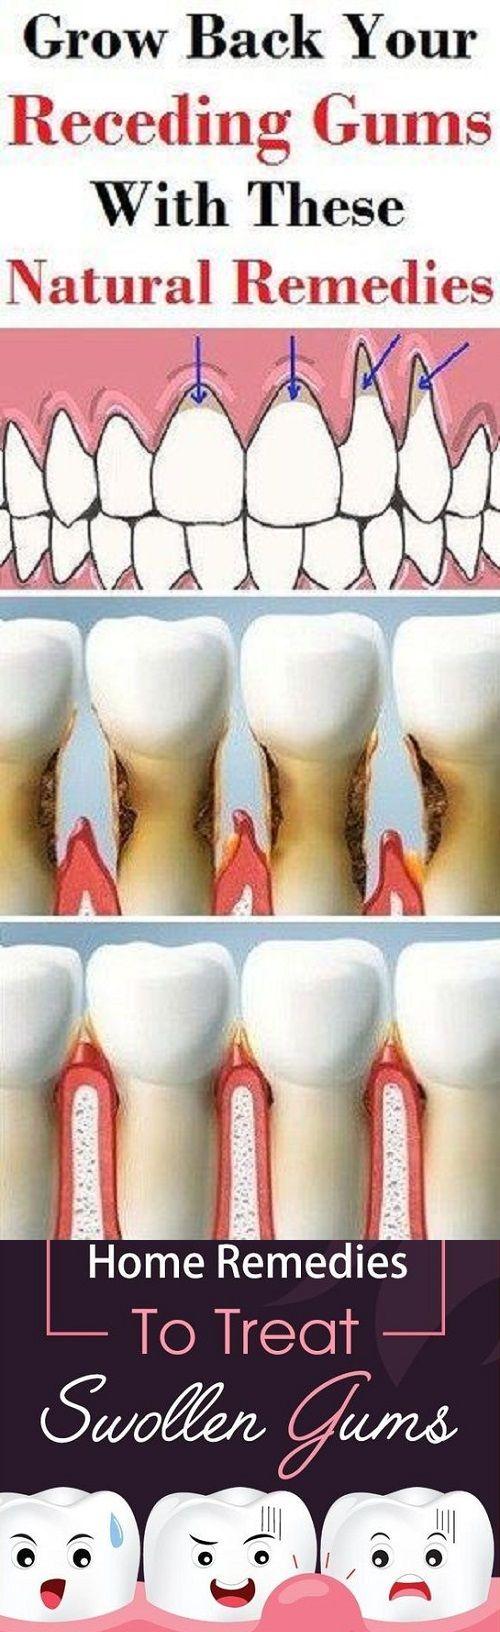 Swollen gum remedies medicine for swollen gums over the counter